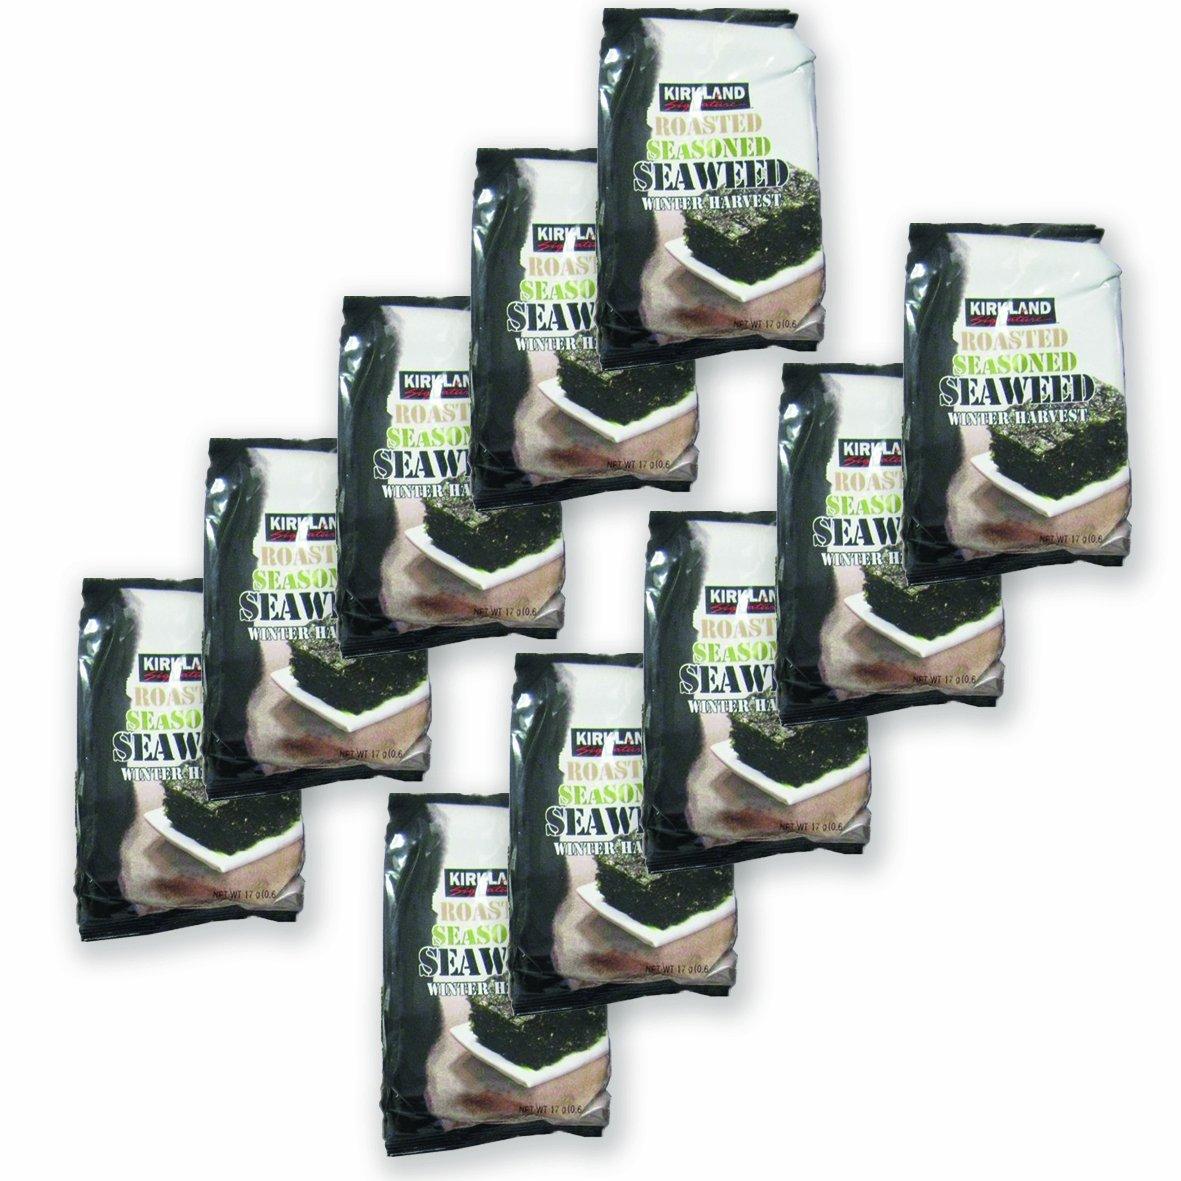 50 Pack Kirkland Signature Roasted Seasoned Seaweed Winter Harvest- 17gm Package